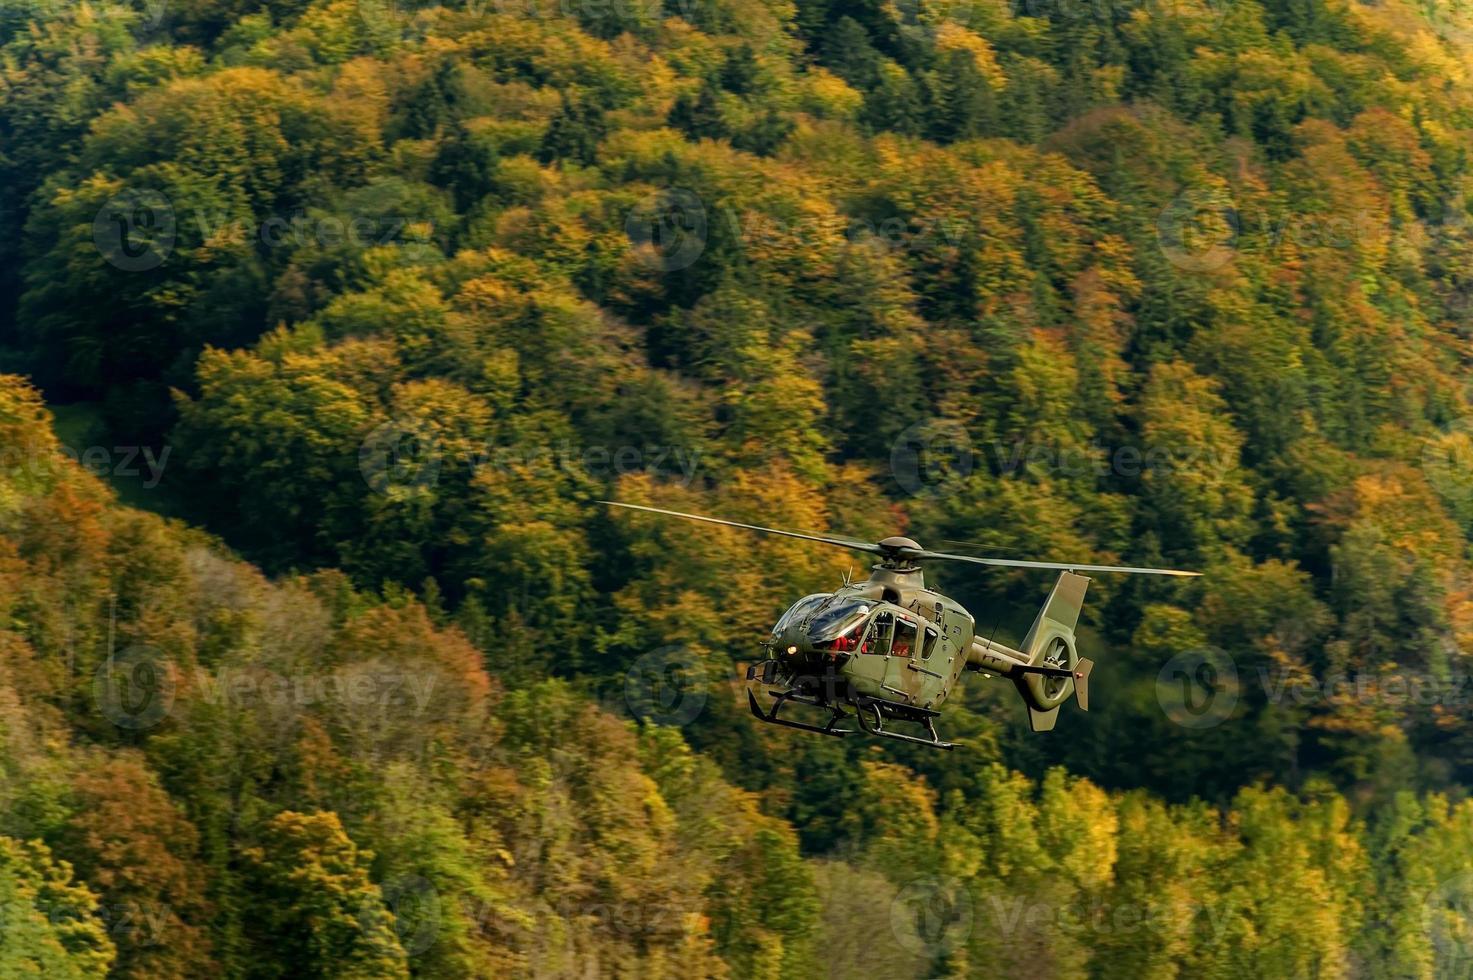 Militärhubschrauber am Himmel foto